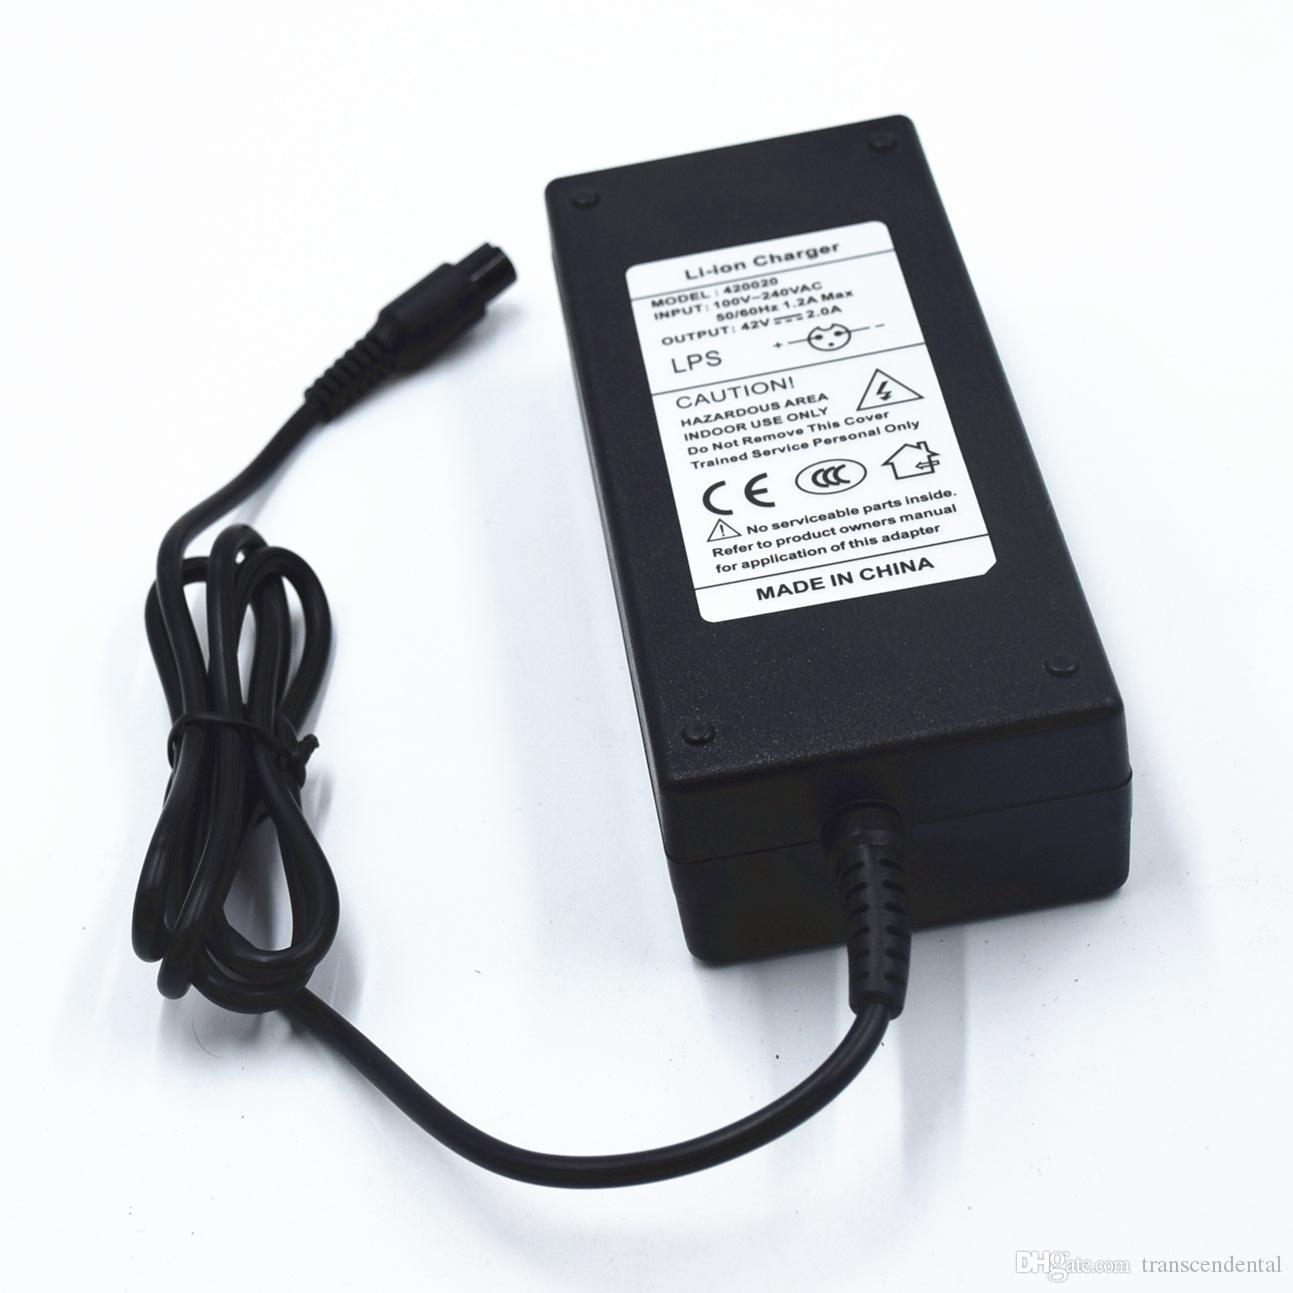 AU 플러그 호버 보드 충전기 전자 스쿠터 배터리 충전기 자체 스마트 밸런싱 스쿠터 셀프 밸런스 호버 보드 배터리 충전기 미국 플러그